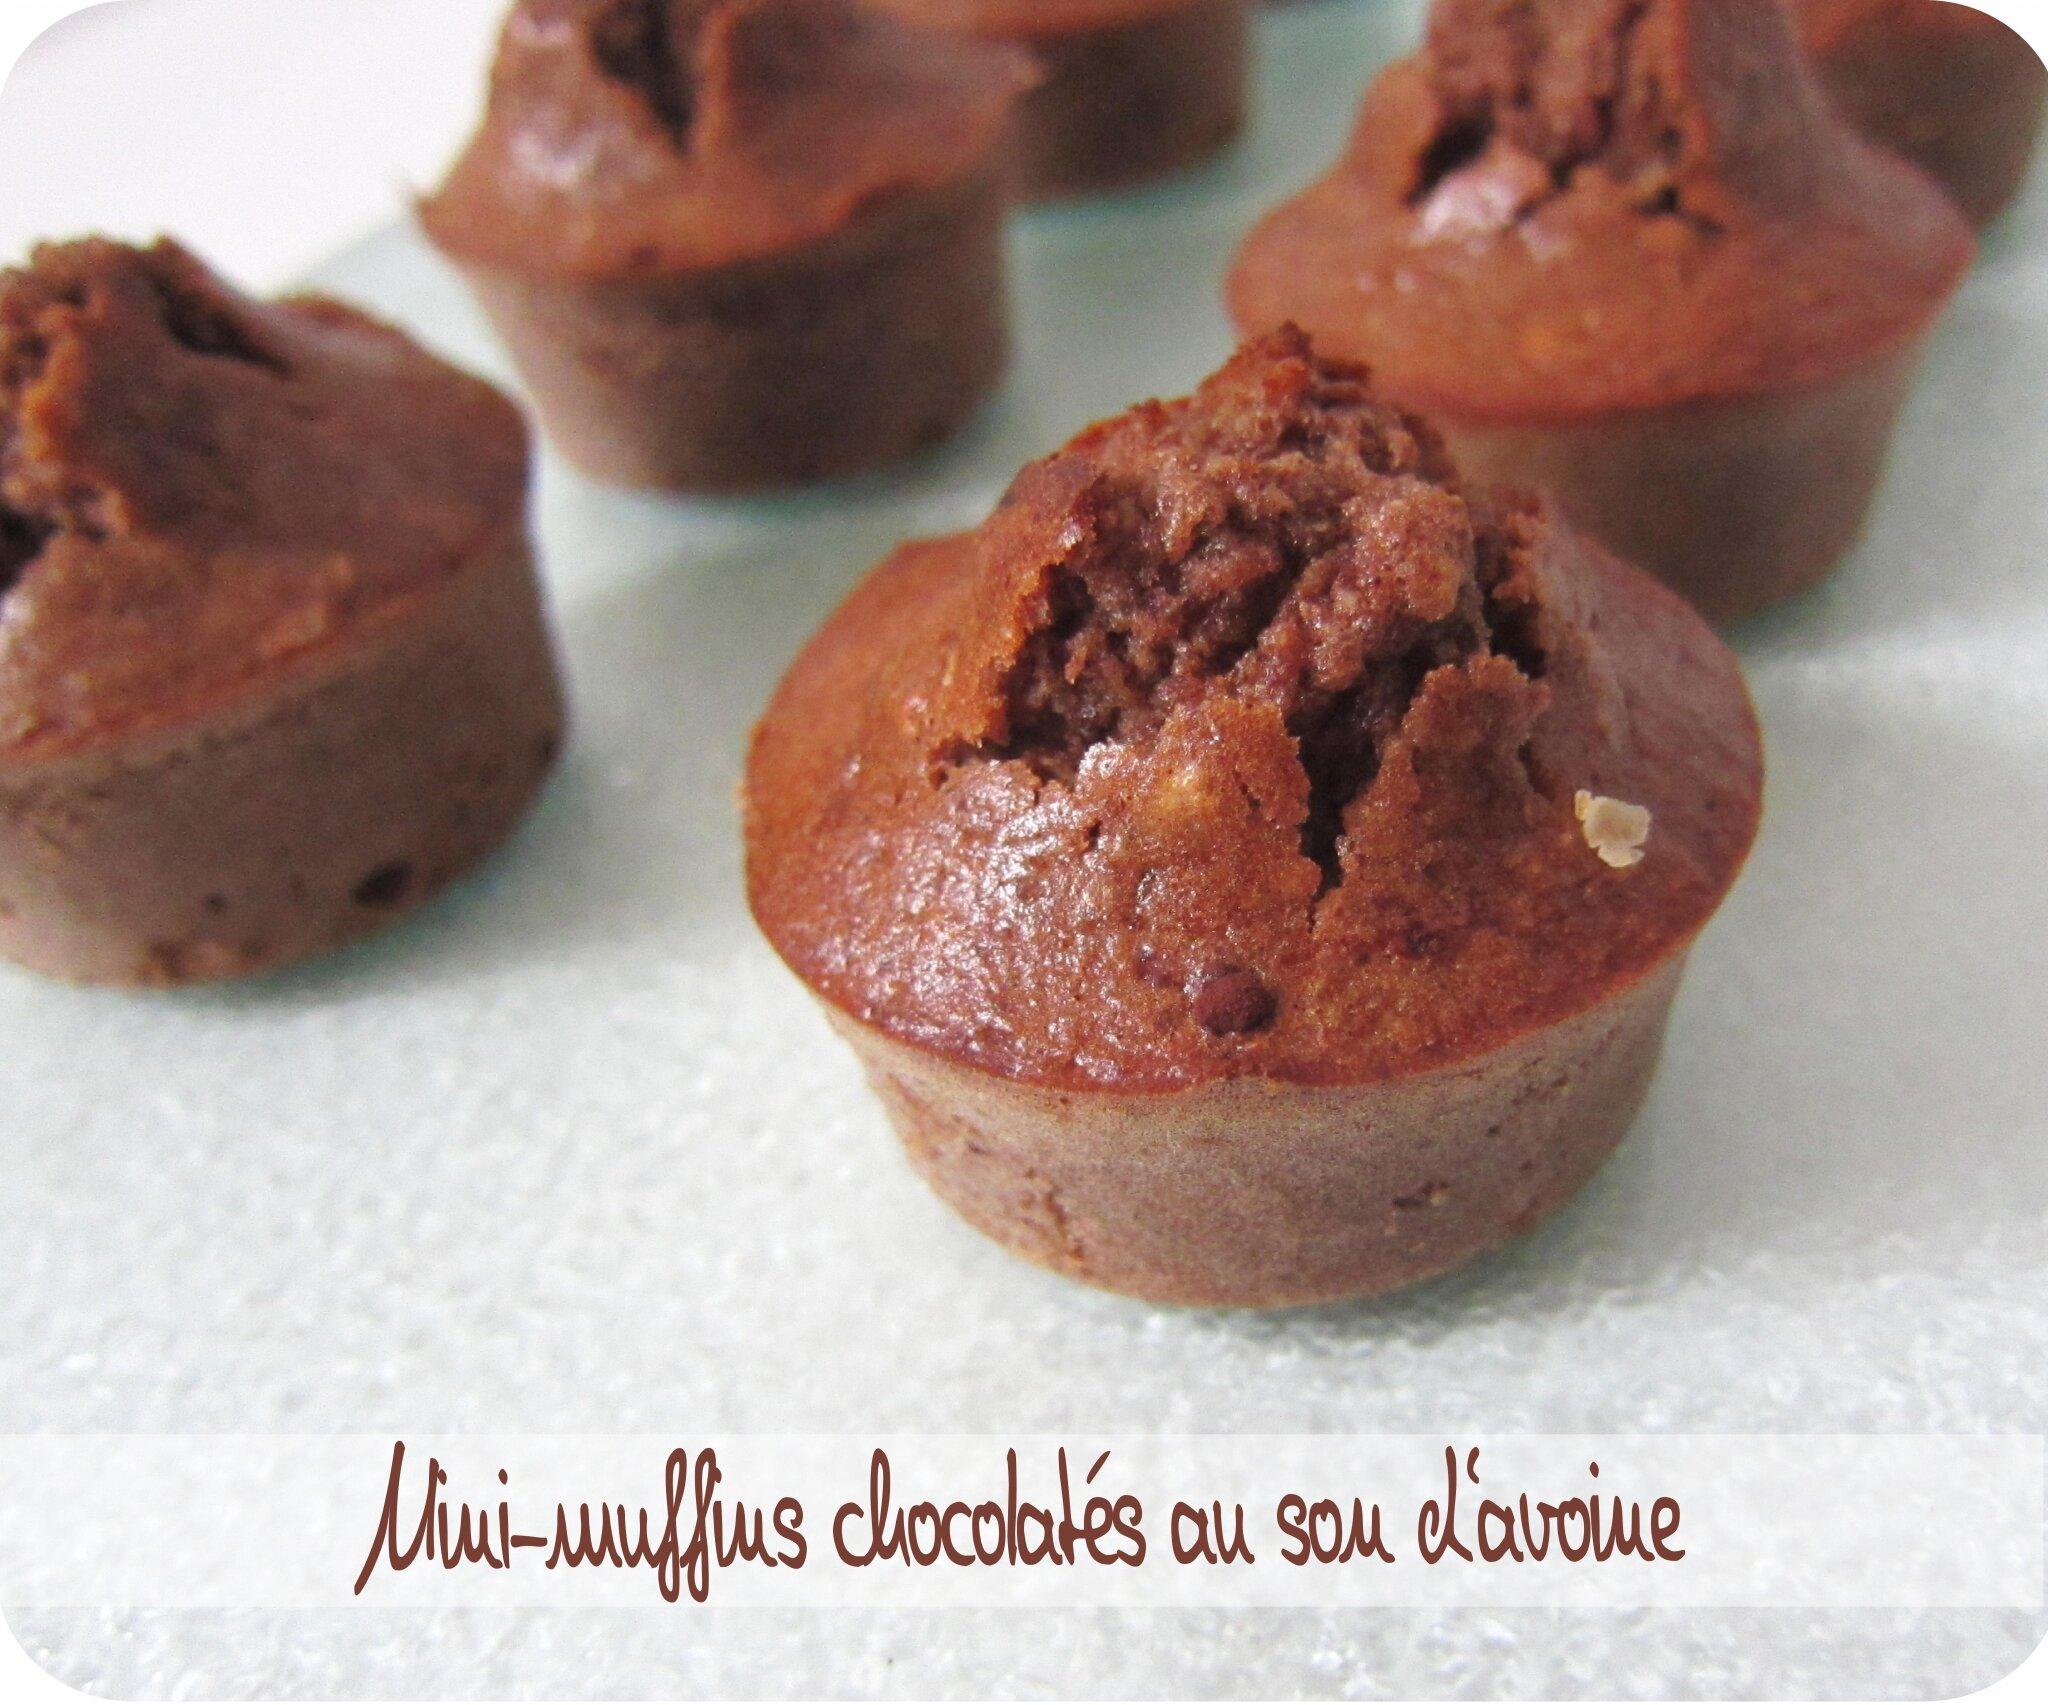 Recette gateau au chocolat au son d'avoine